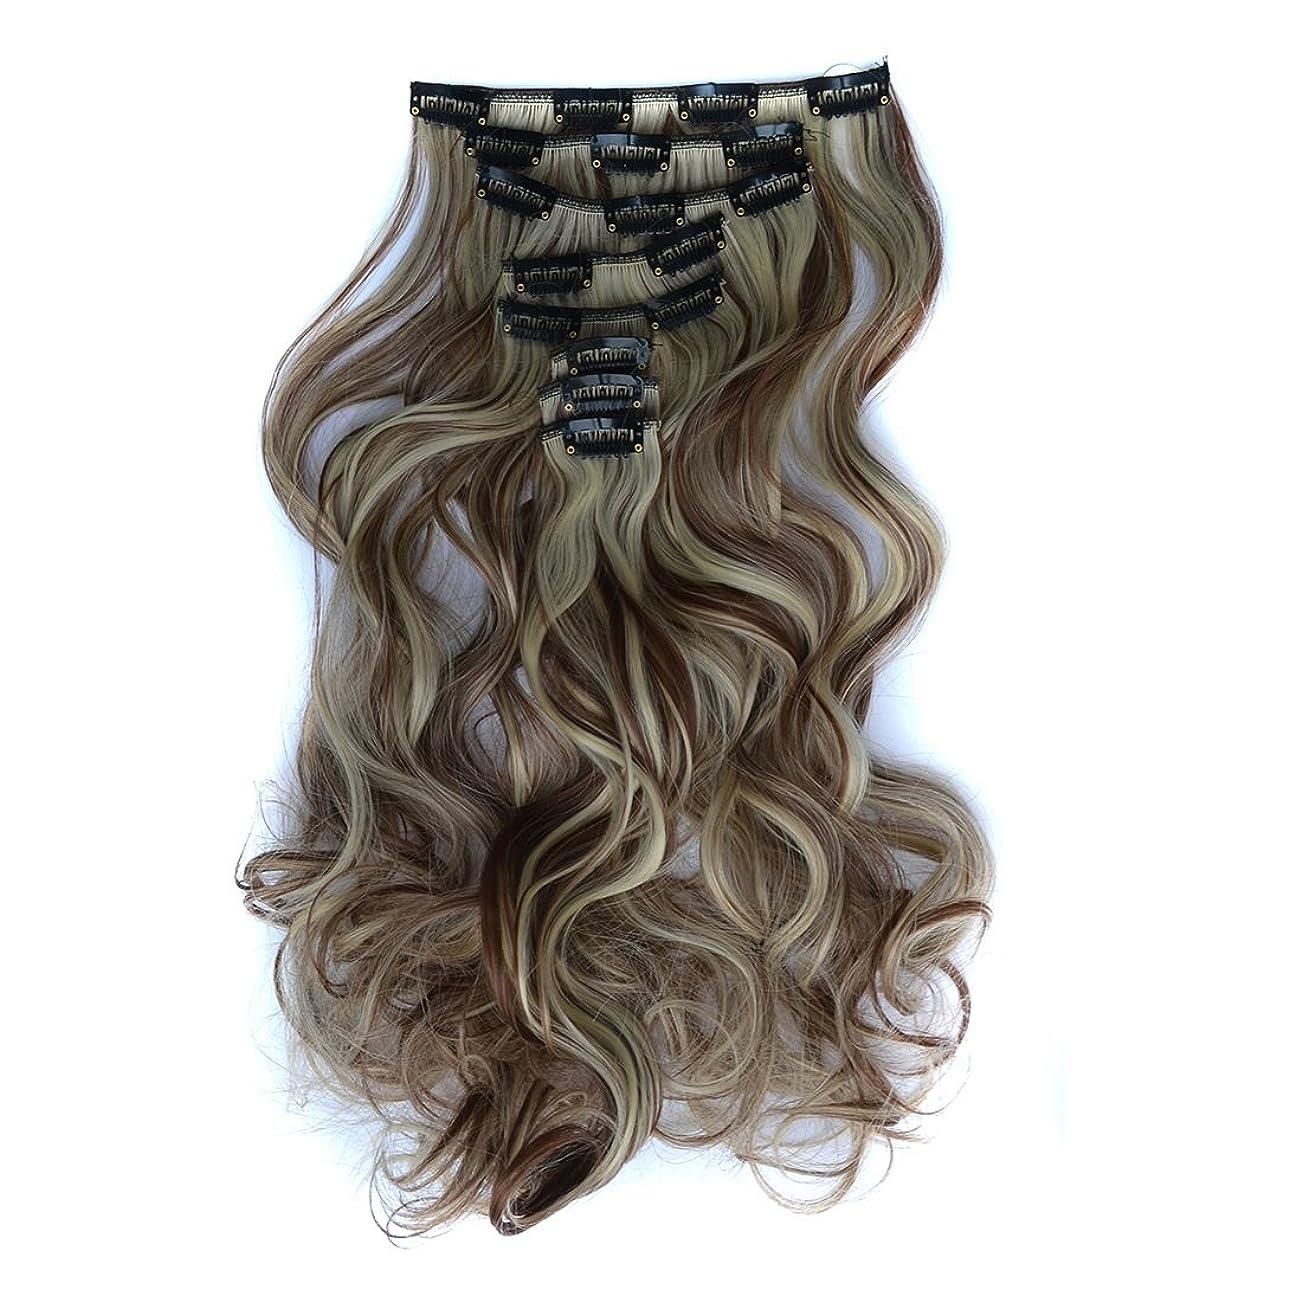 祭り最悪Doyvanntgo 45cm化学合成髪のエクステンション17clips / 7pウィッグエクステンションの長いカーリーヘアカラーの茶色茶色の黒色のピックステイン (Color : Brown black pick stain)